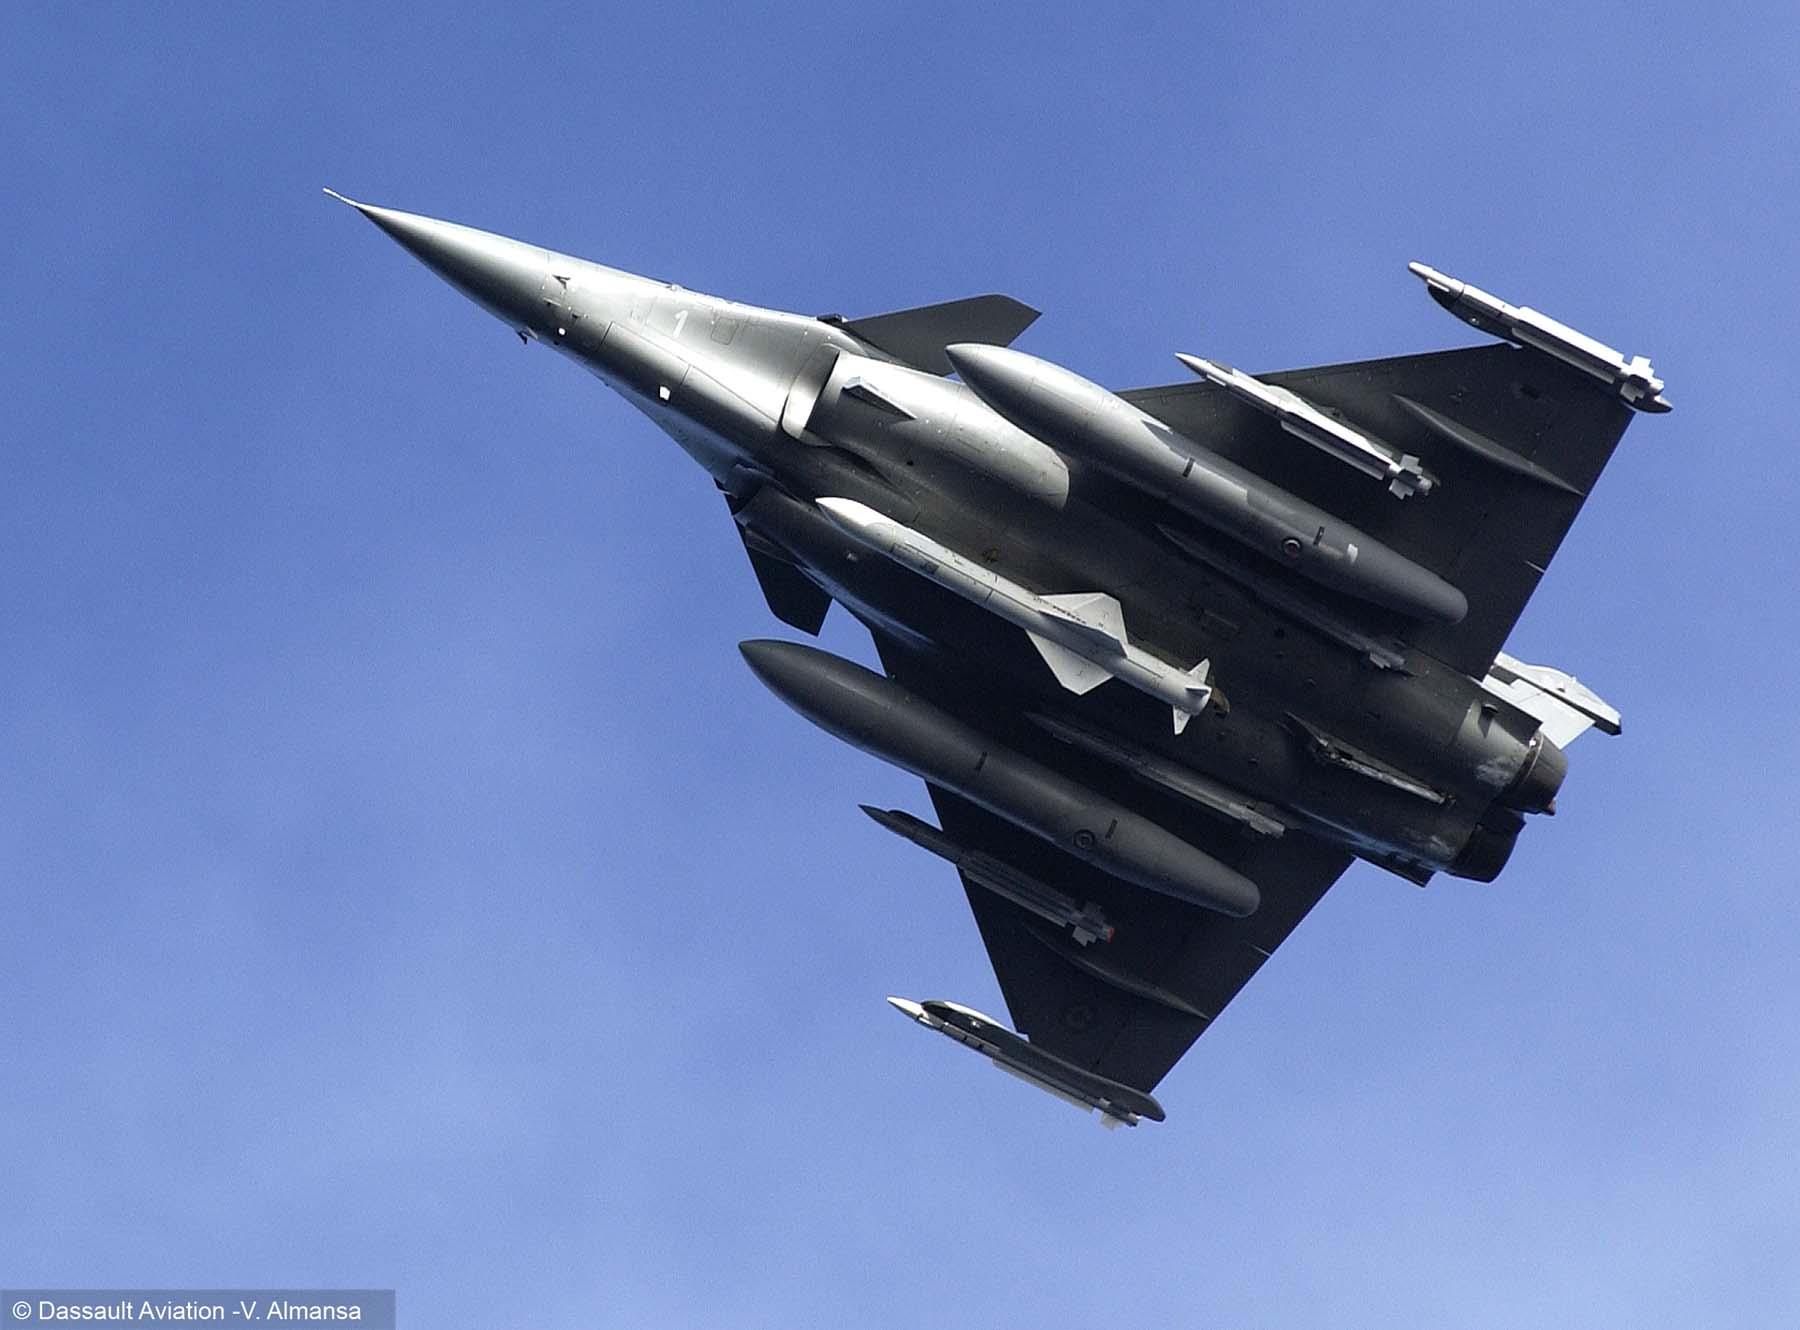 Rafale - foto V Almansa - Dassault